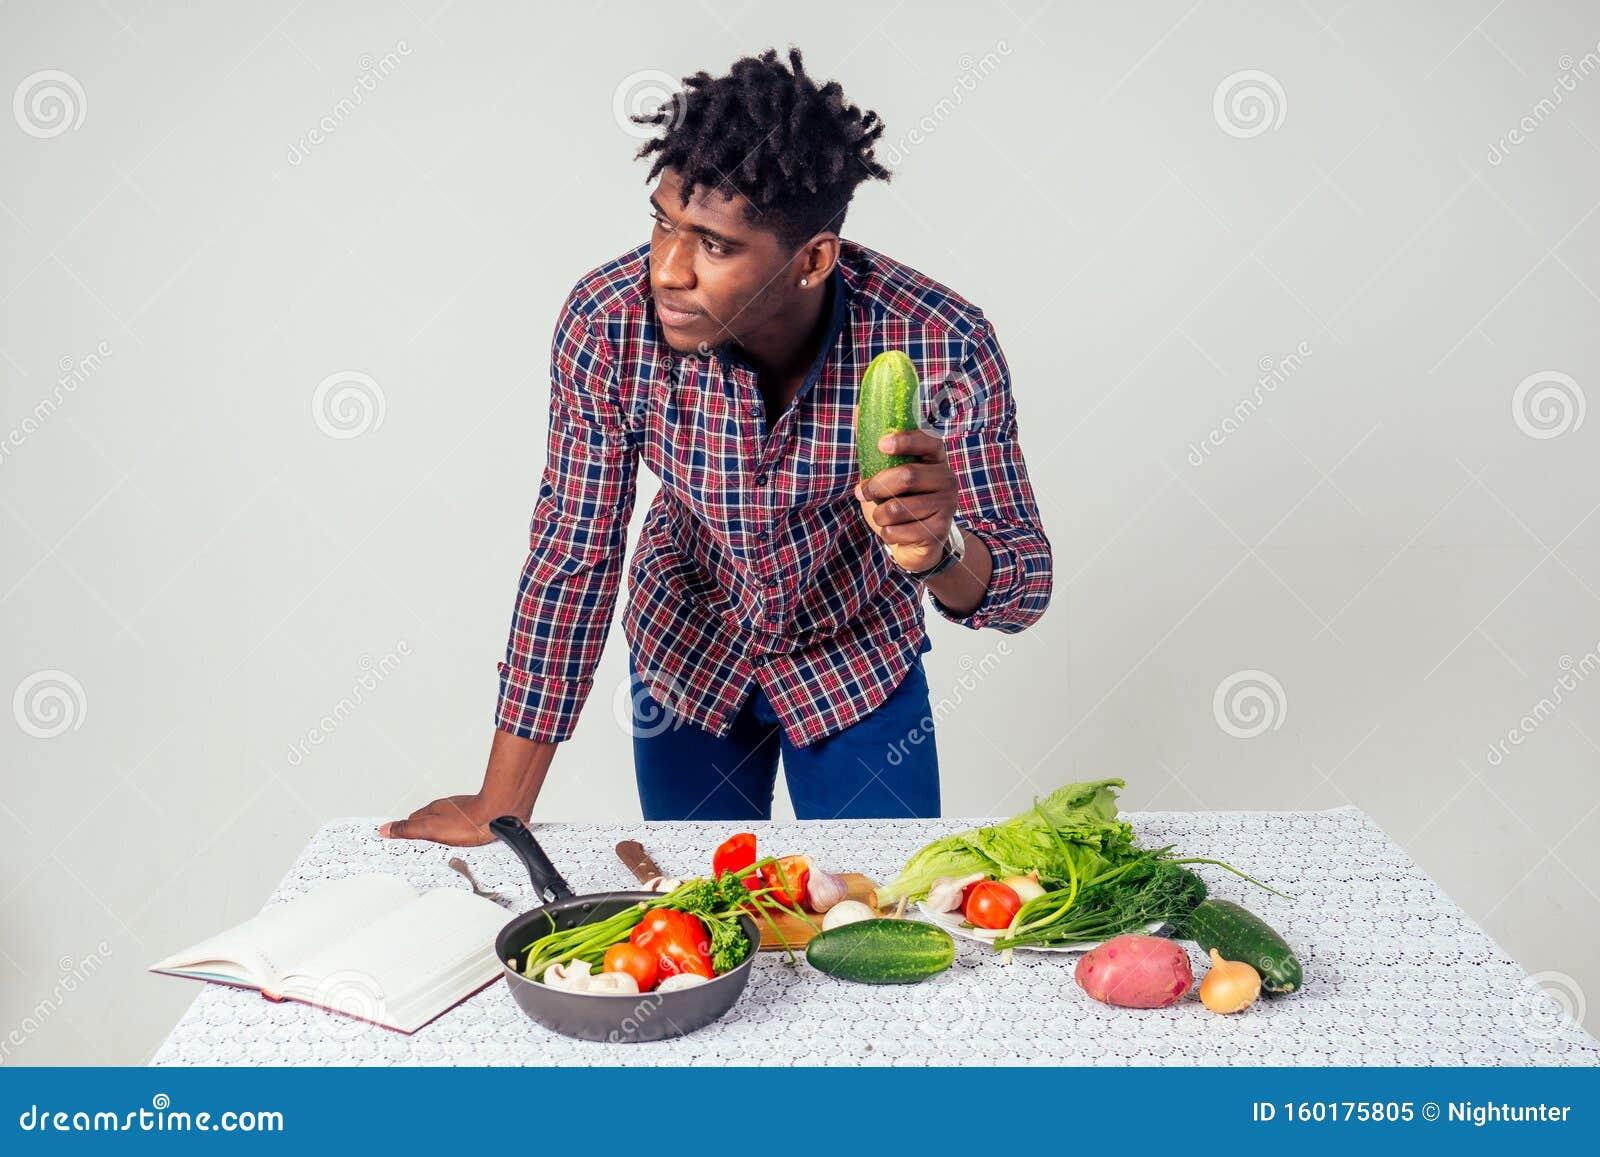 Le Chef Afro Americain Qui Regarde La Recette Livre Cuisine Une